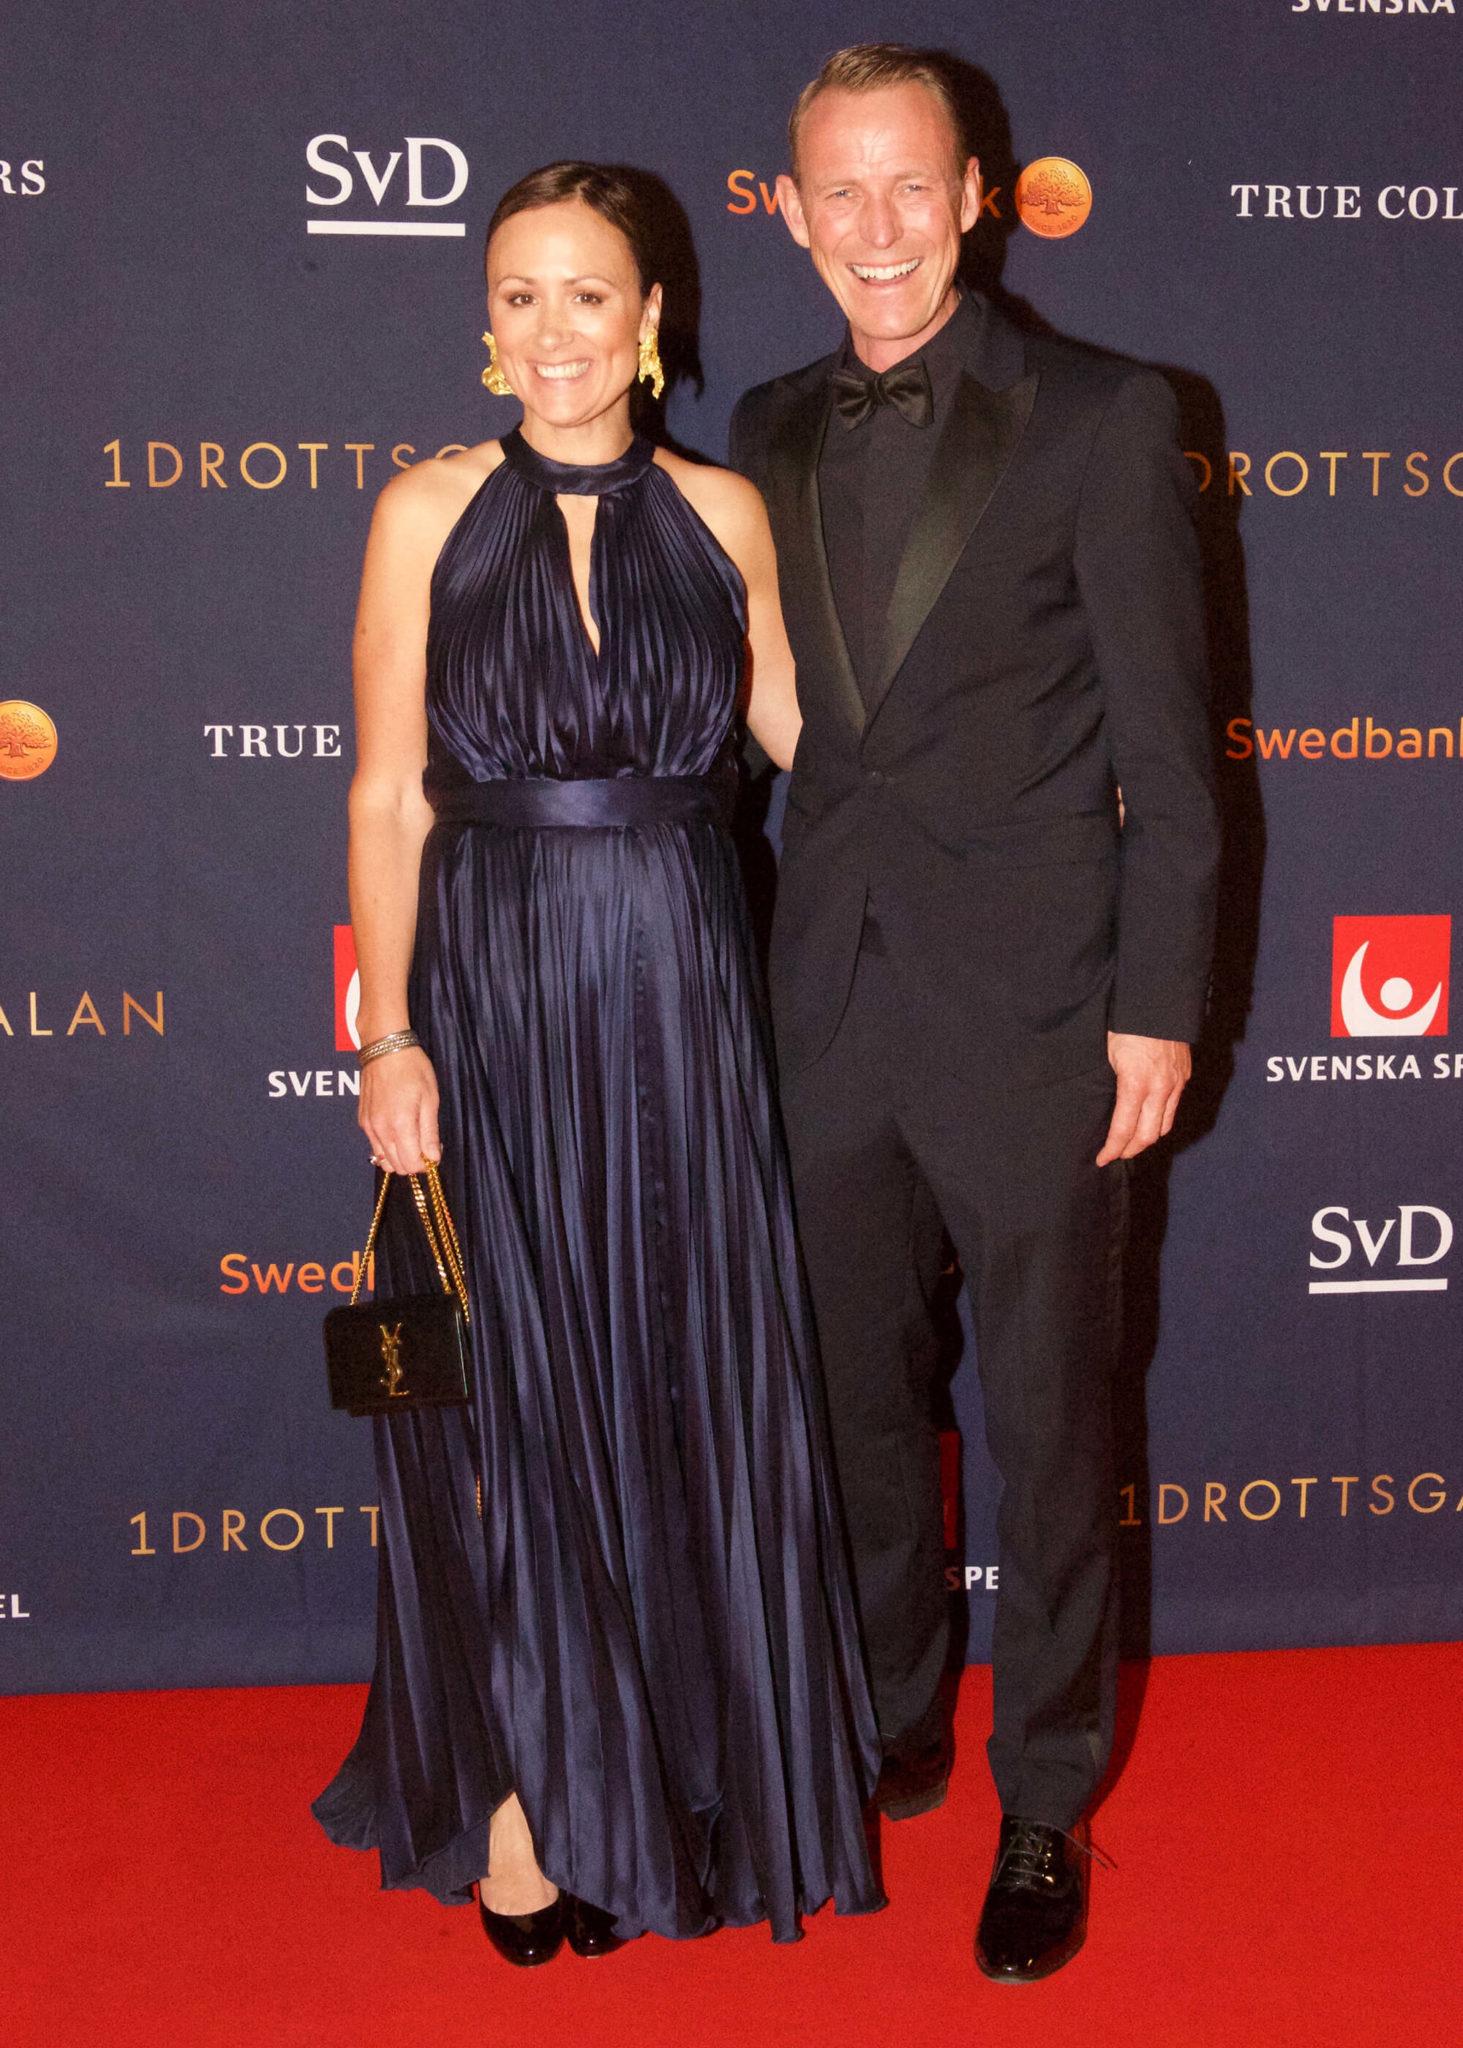 Peder och Lisen på röda mattan på Idrottsgalan